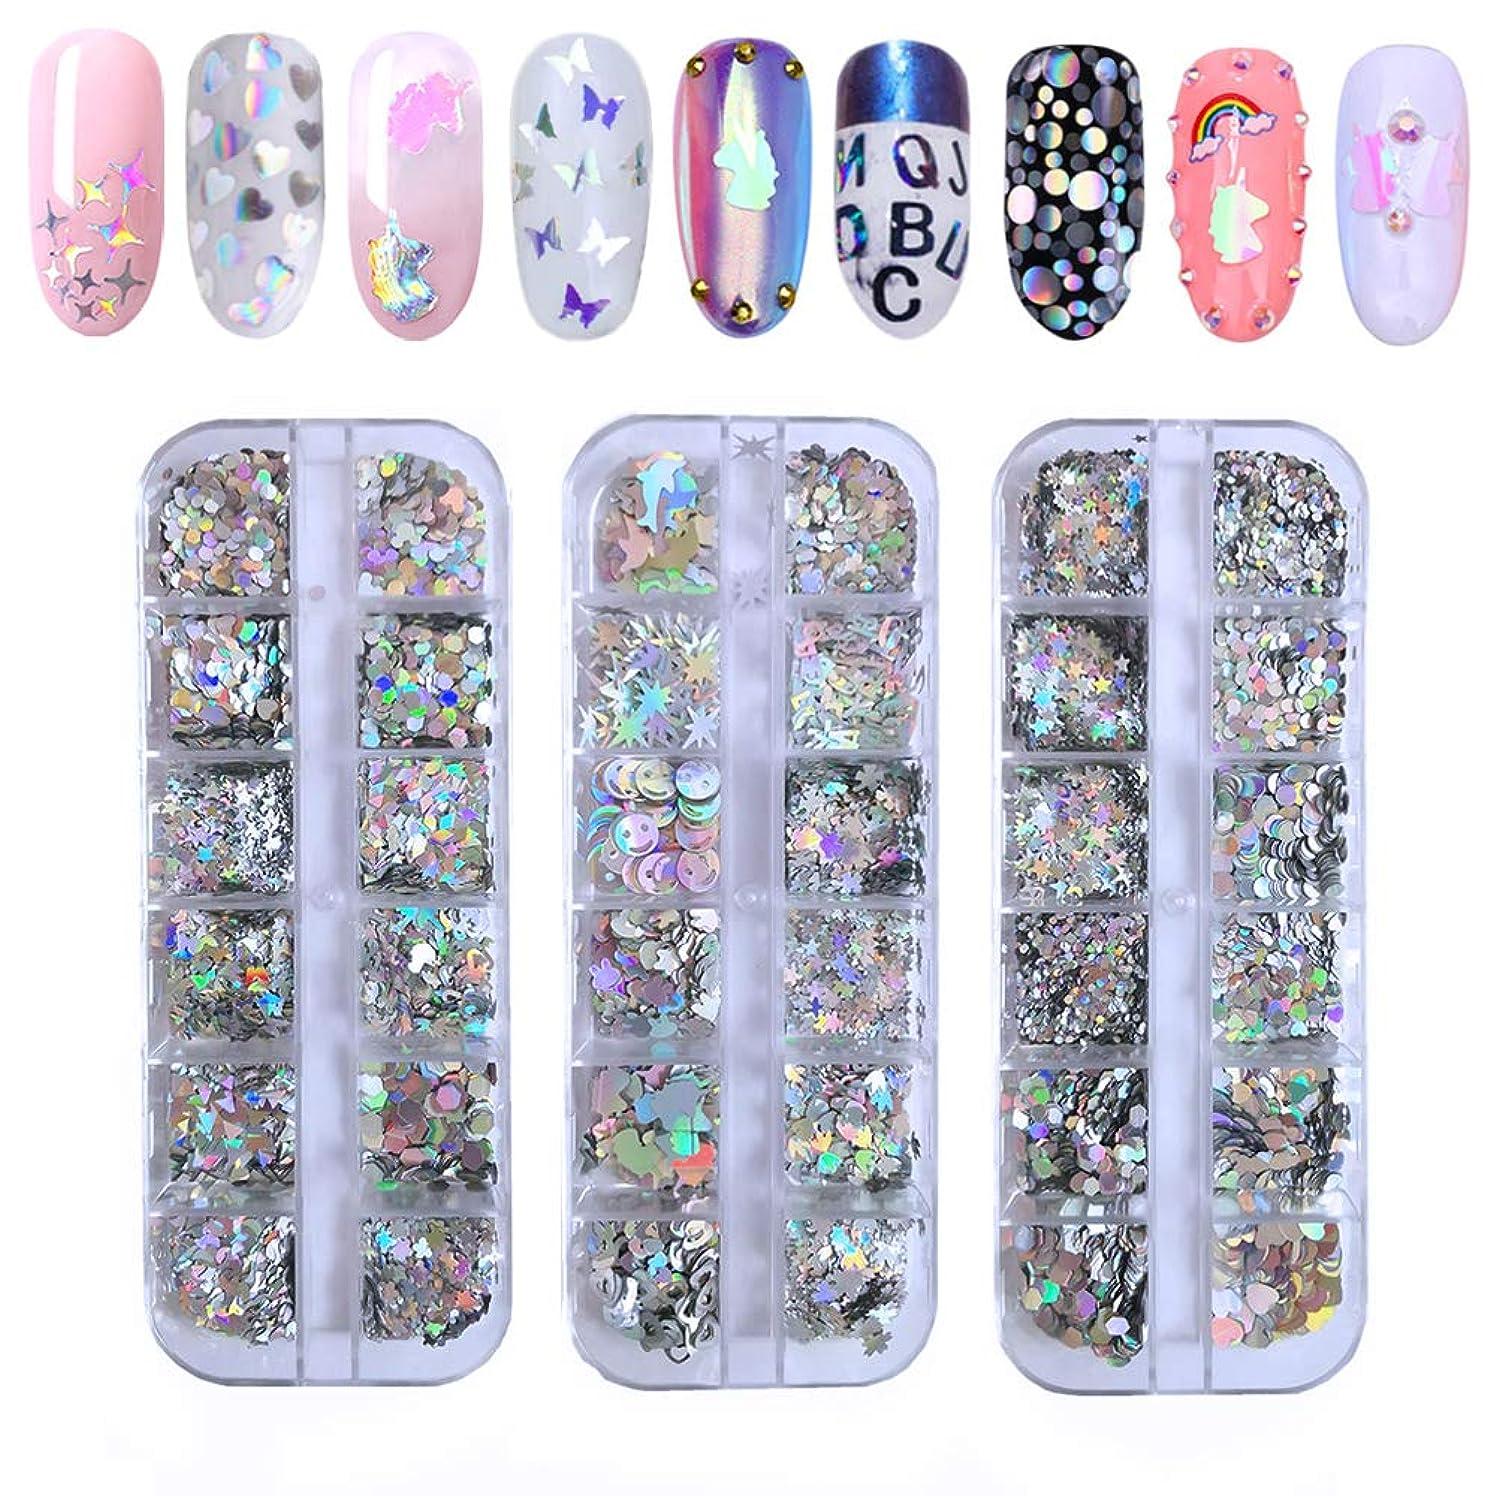 バトルお誕生日中国Kalolary 24色ホログラフィックネイルレインボーカラースパンコール ネイルグリッター DIYネイルアートフラッシュ装飾(2箱)